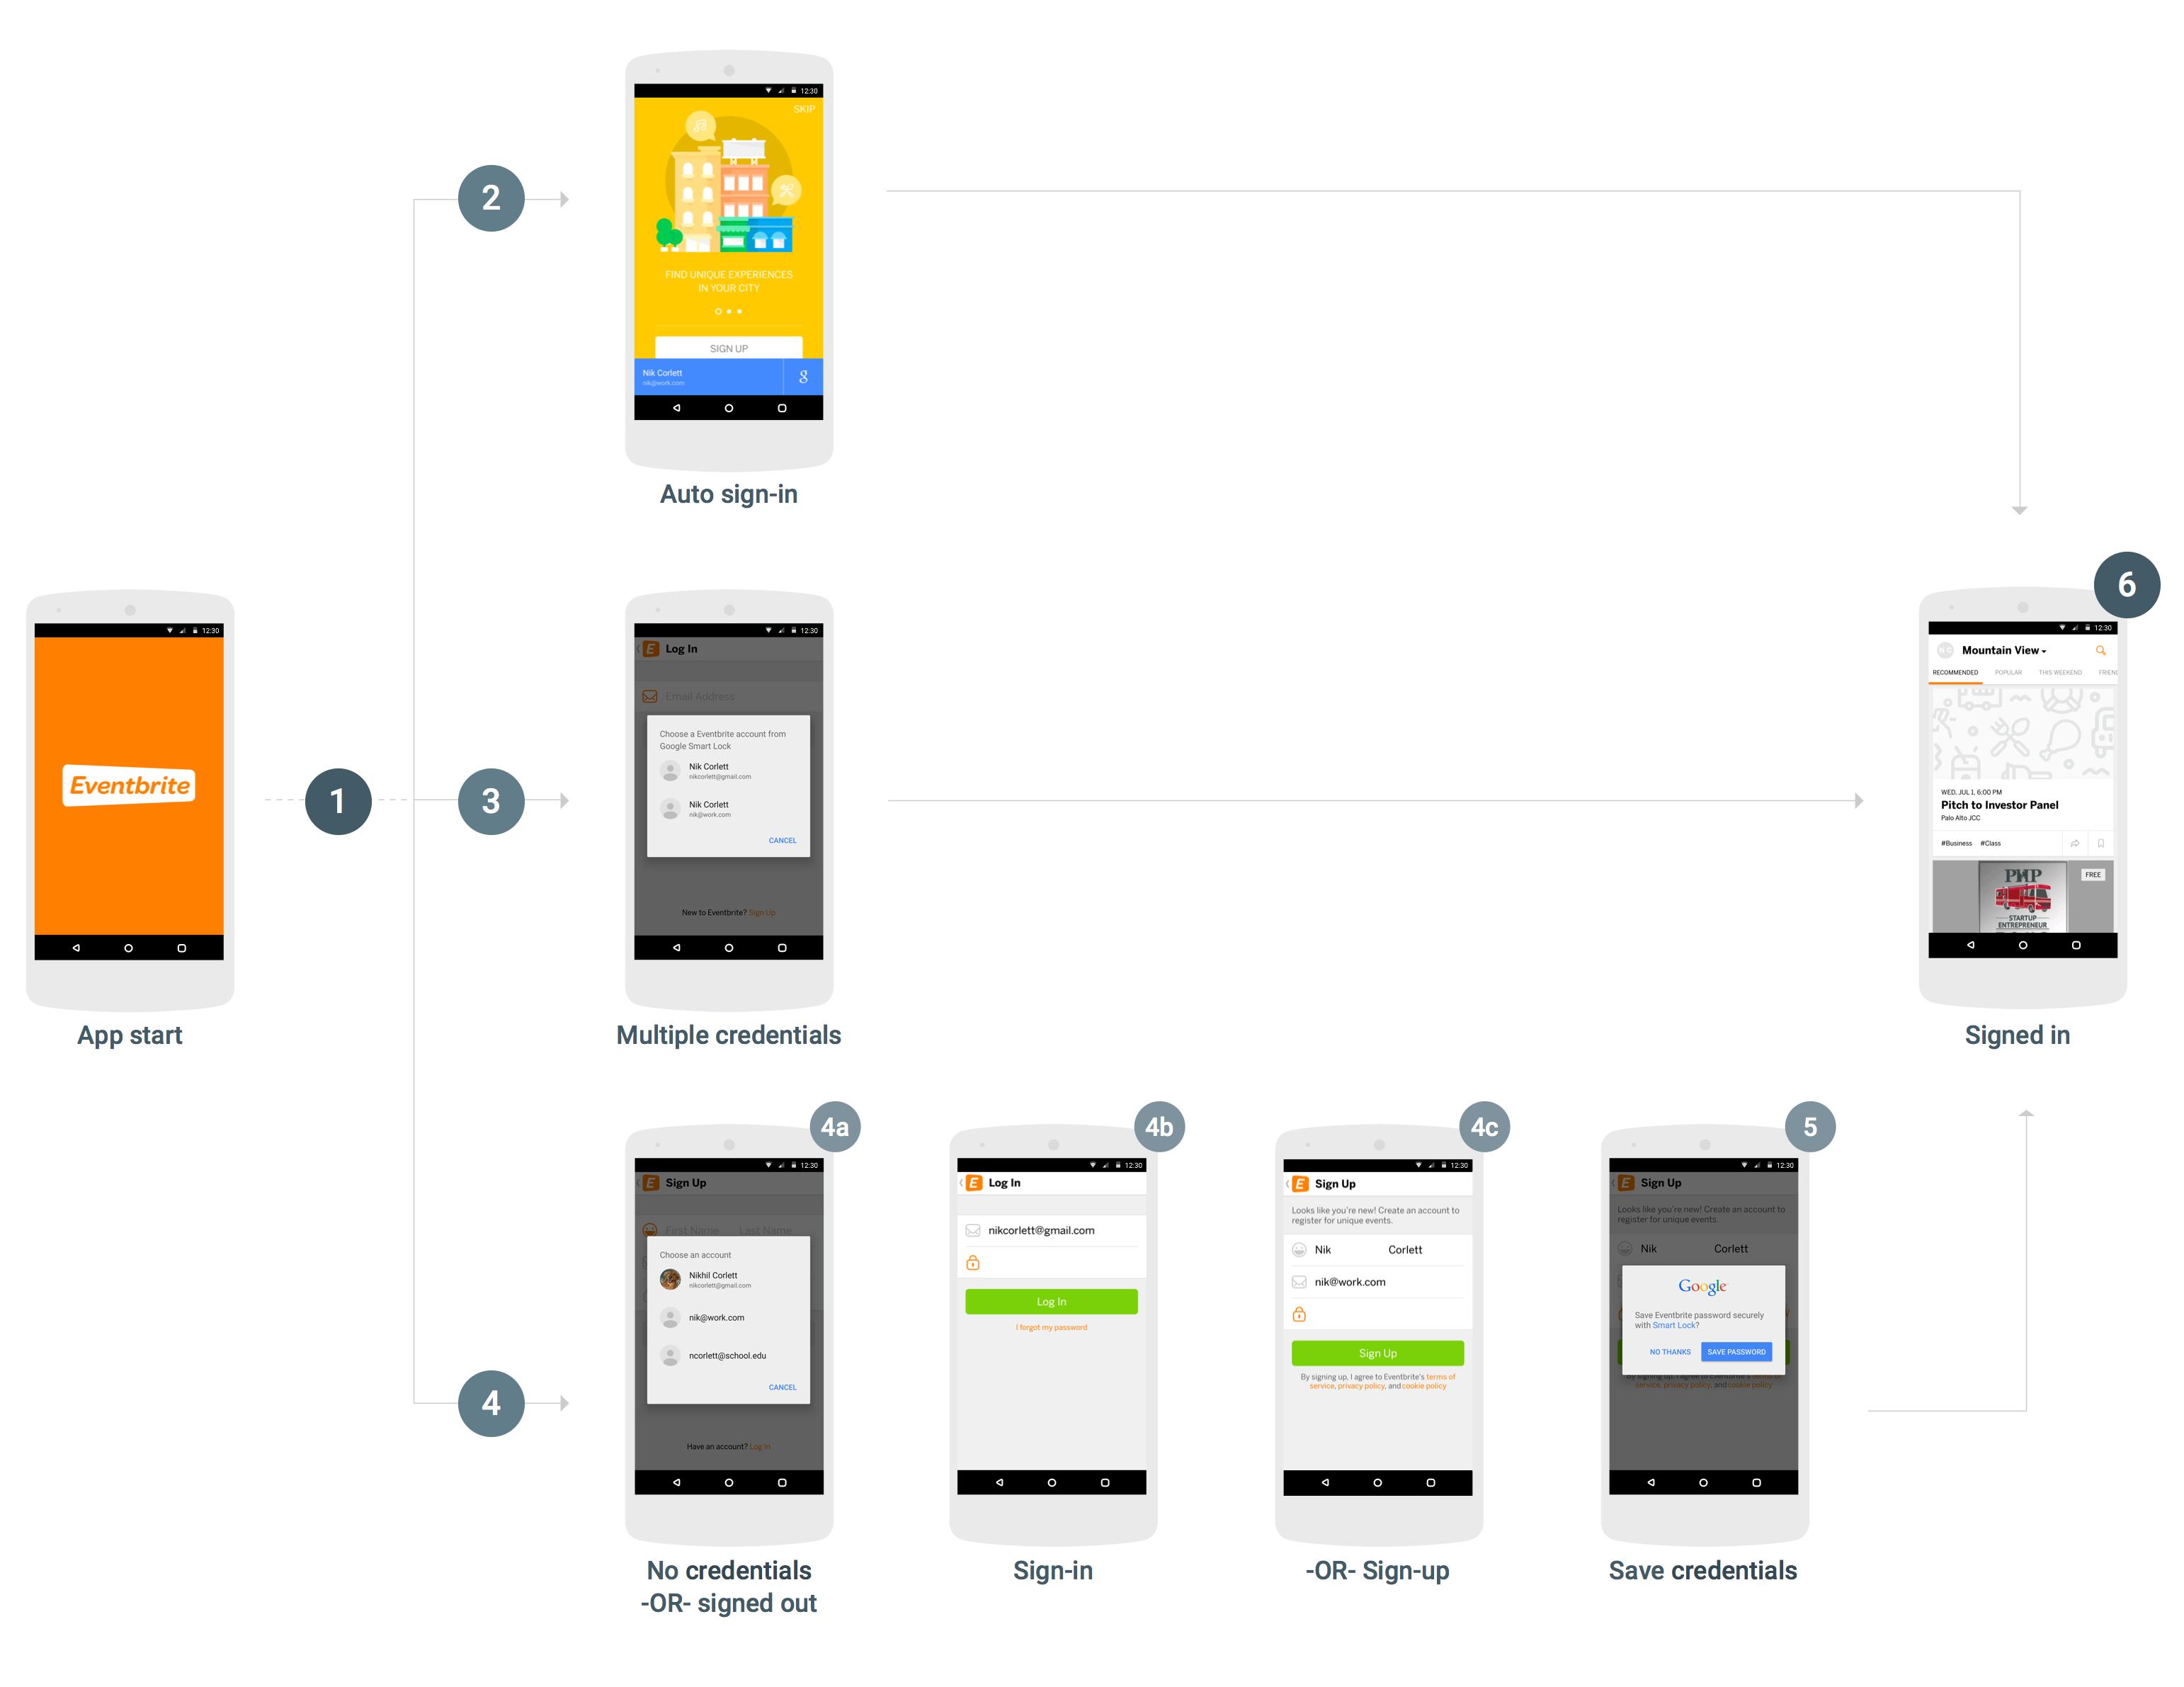 Sơ đồ quy trình đăng nhập Smart Lock